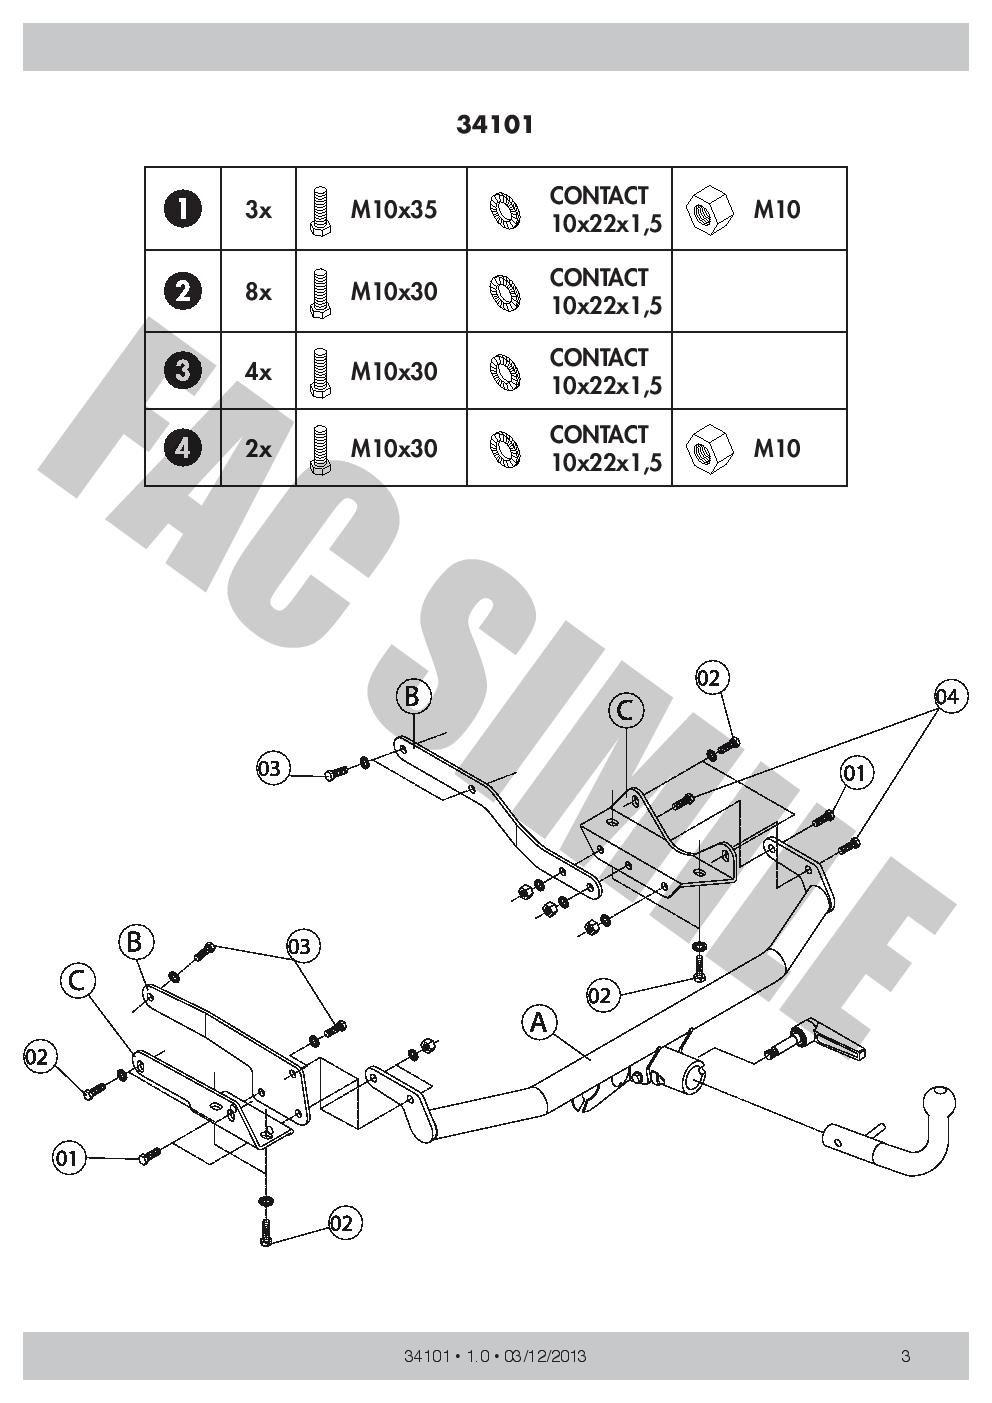 AHK Abnehmbare Anhängerkupplung 7p C2 E-Satz Daihatsu Terios 4WD 97-06 09005/_B1